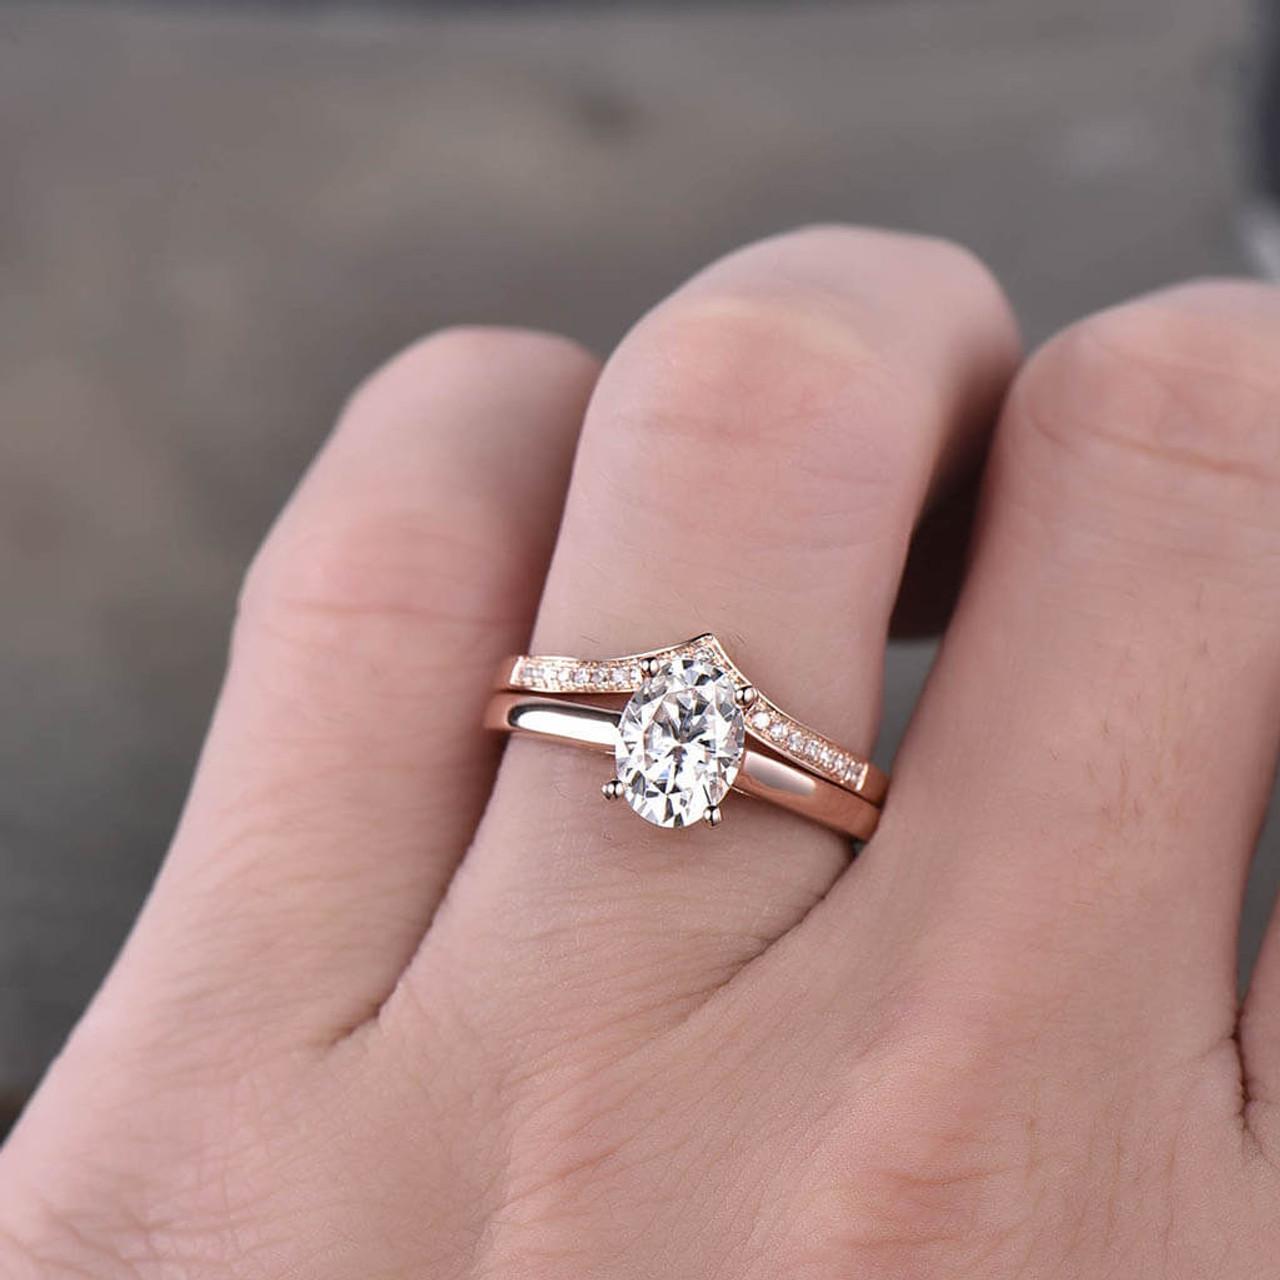 Moissanite Engagement Ring Plain Yellow Gold Wedding Ring Bridal Ring,stacking promise ring Oval Engagement Ring Oval Solitaire Ring